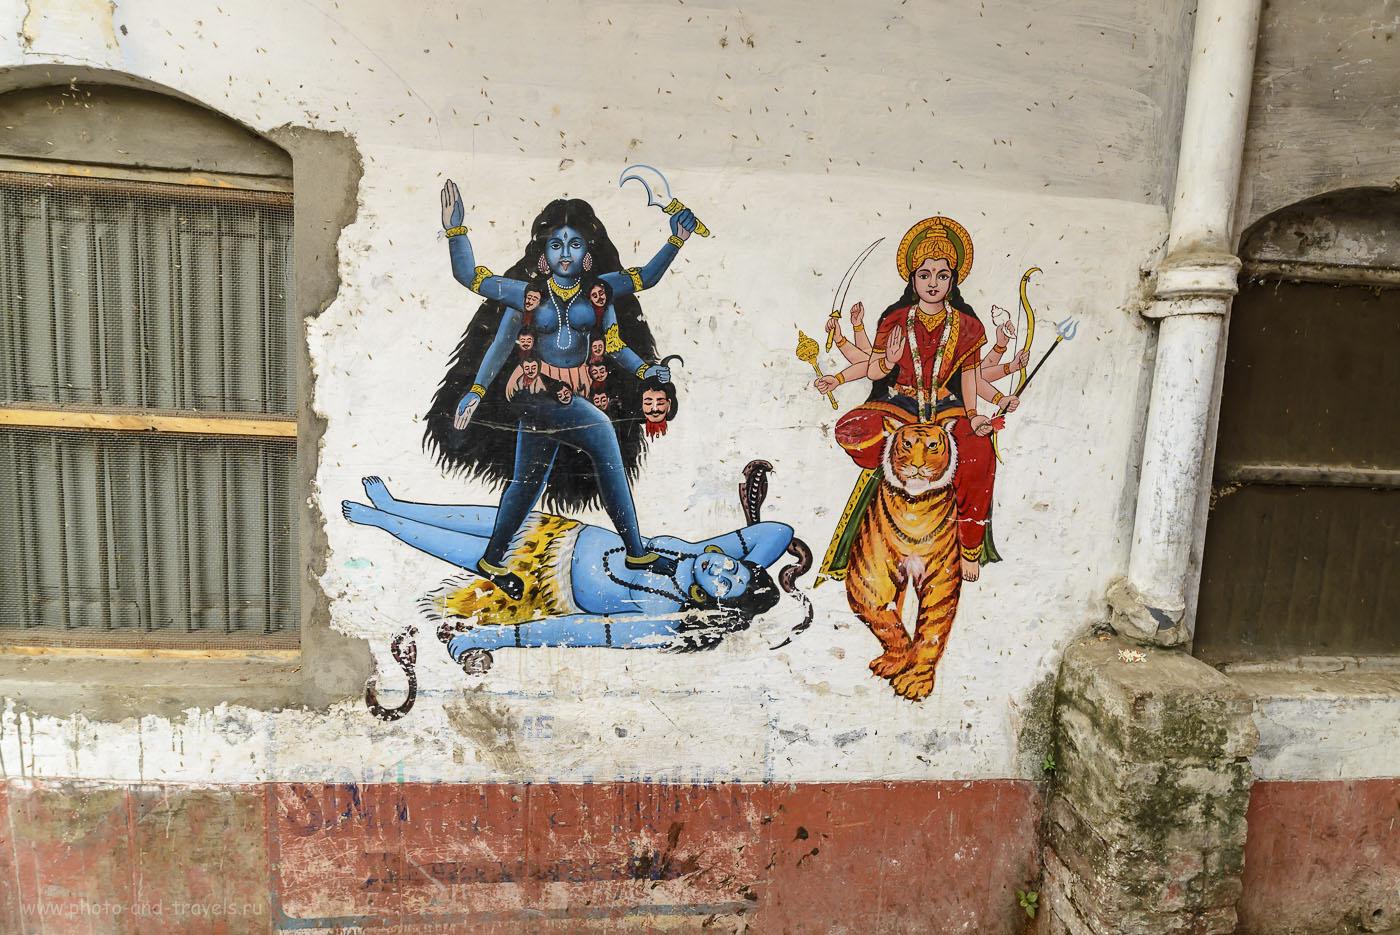 Фото 9. Кто бы подсказал, что за божество изображено на этой картине? Варанаси. Индия. Отзывы туристов. 1/40, 8.0, 400, 14.